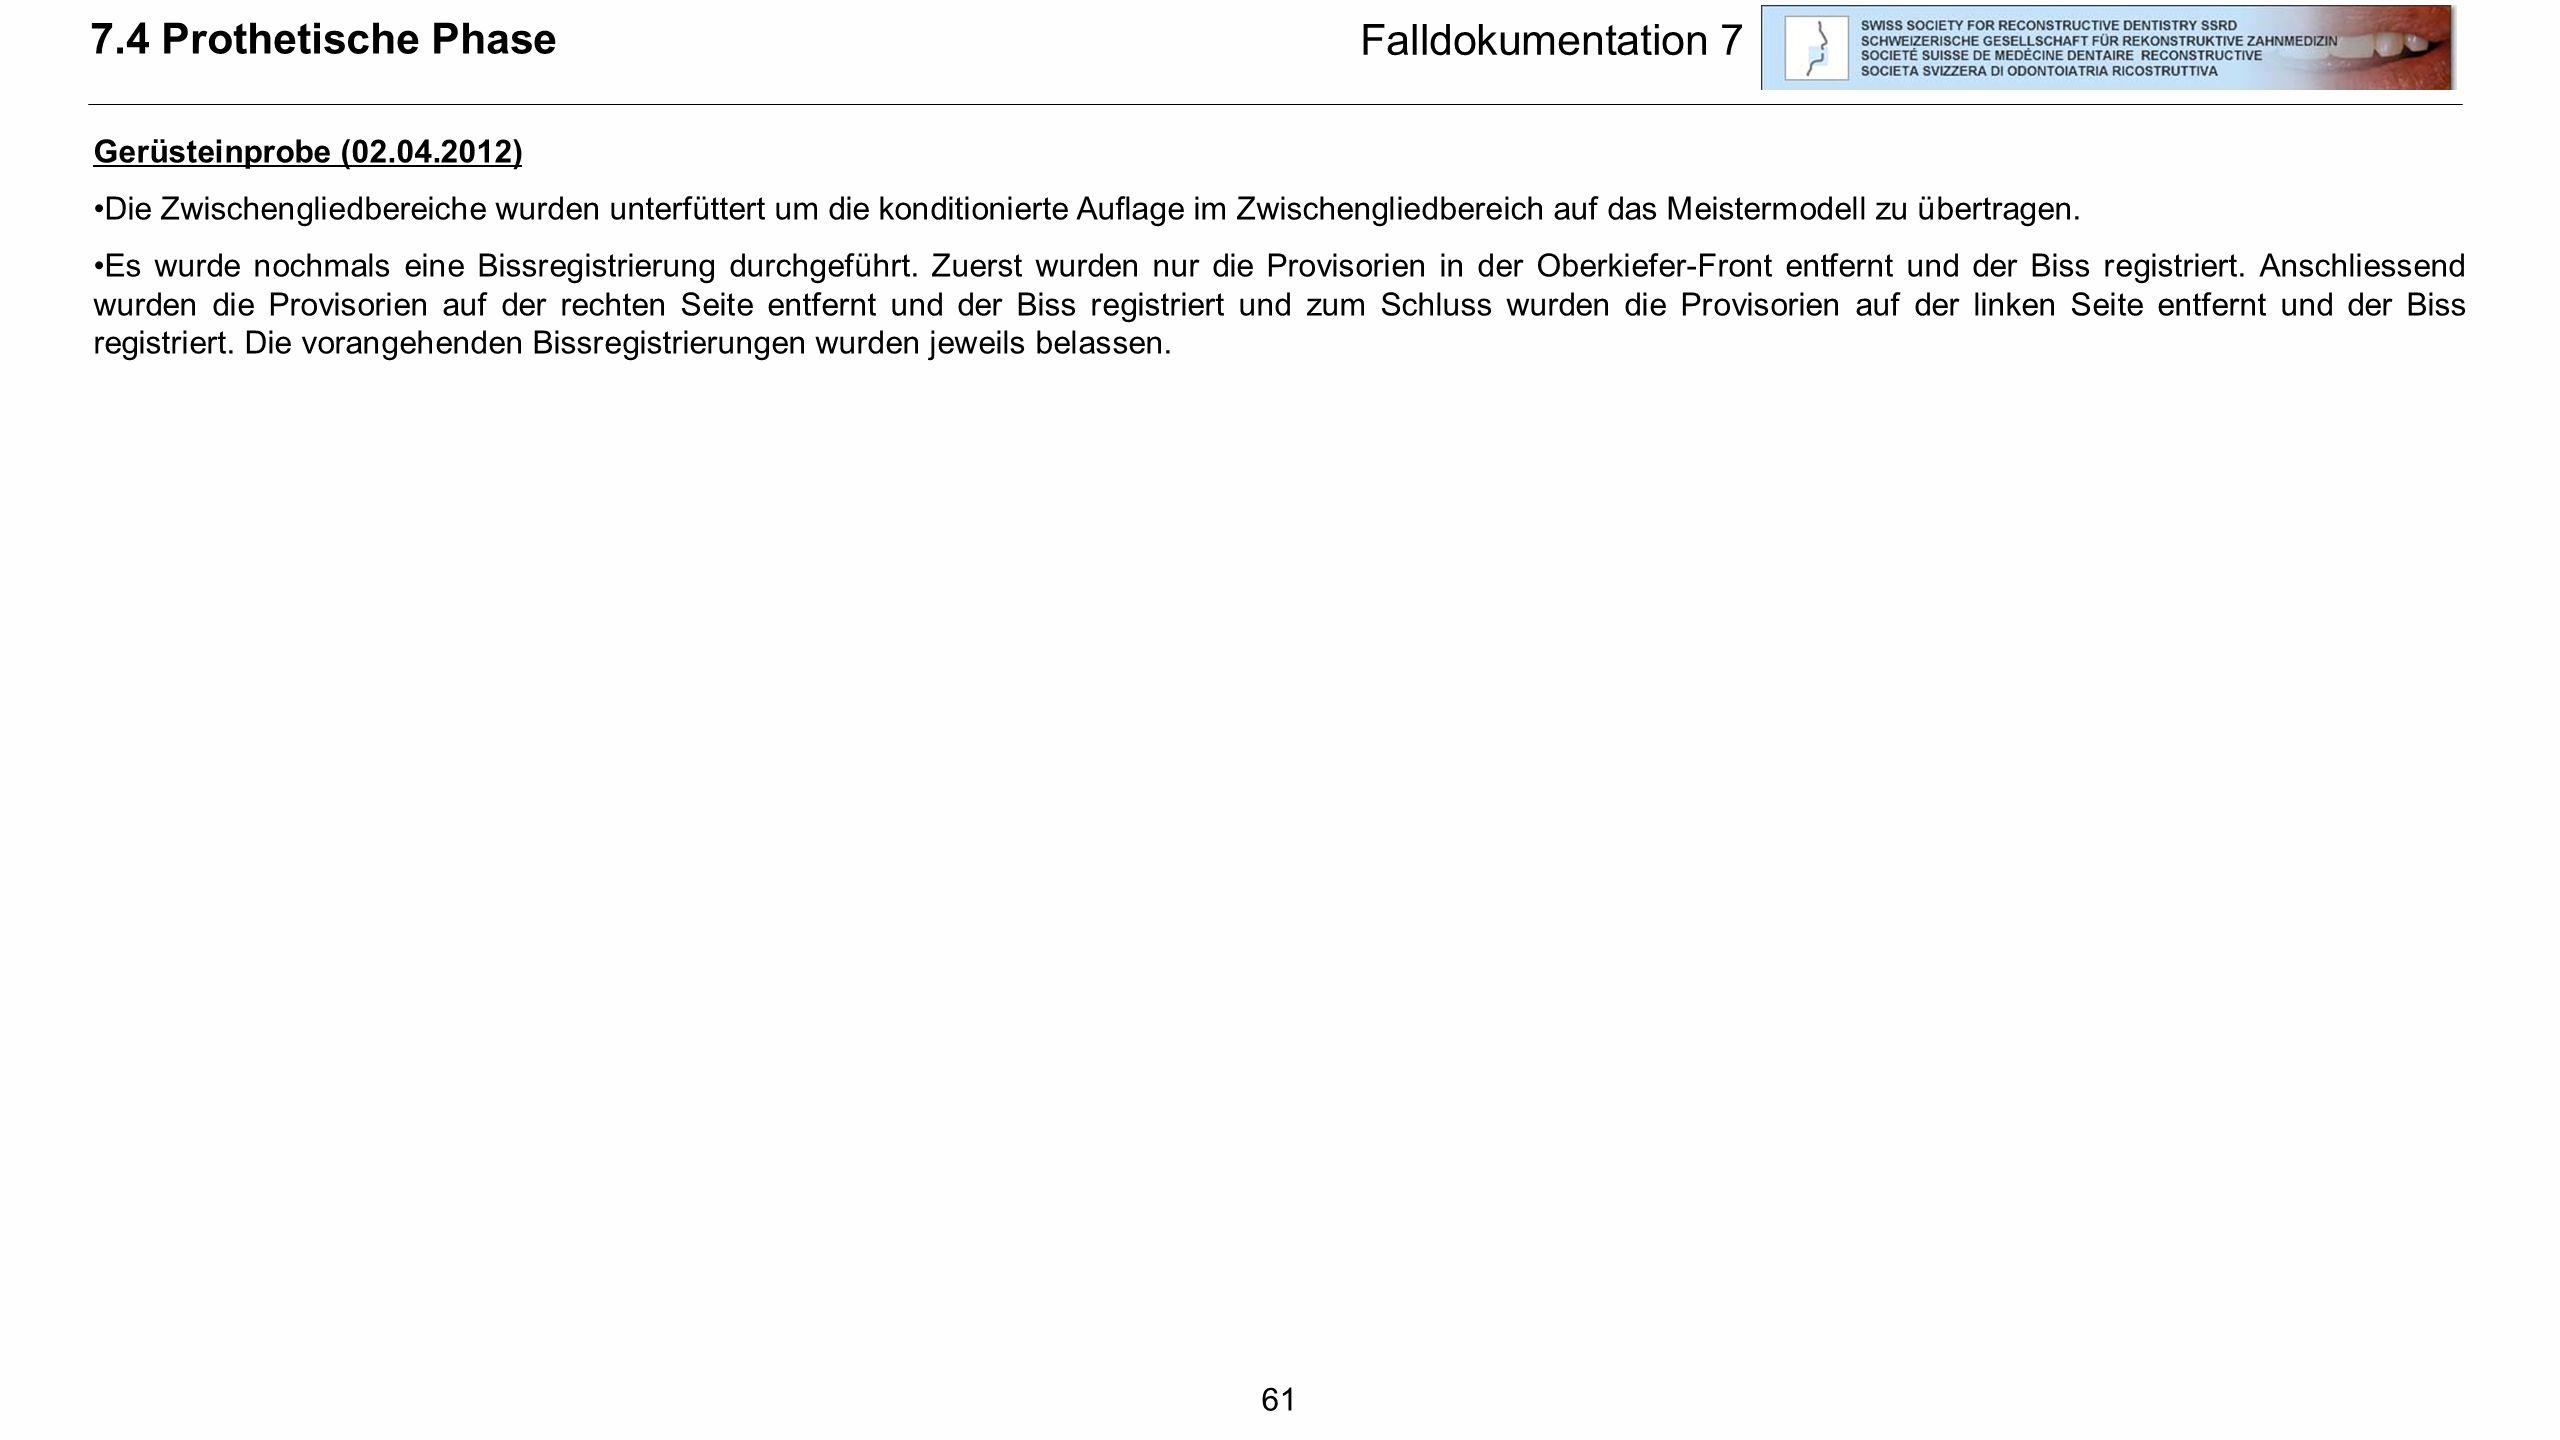 61 Falldokumentation 7 Gerüsteinprobe (02.04.2012) Die Zwischengliedbereiche wurden unterfüttert um die konditionierte Auflage im Zwischengliedbereich